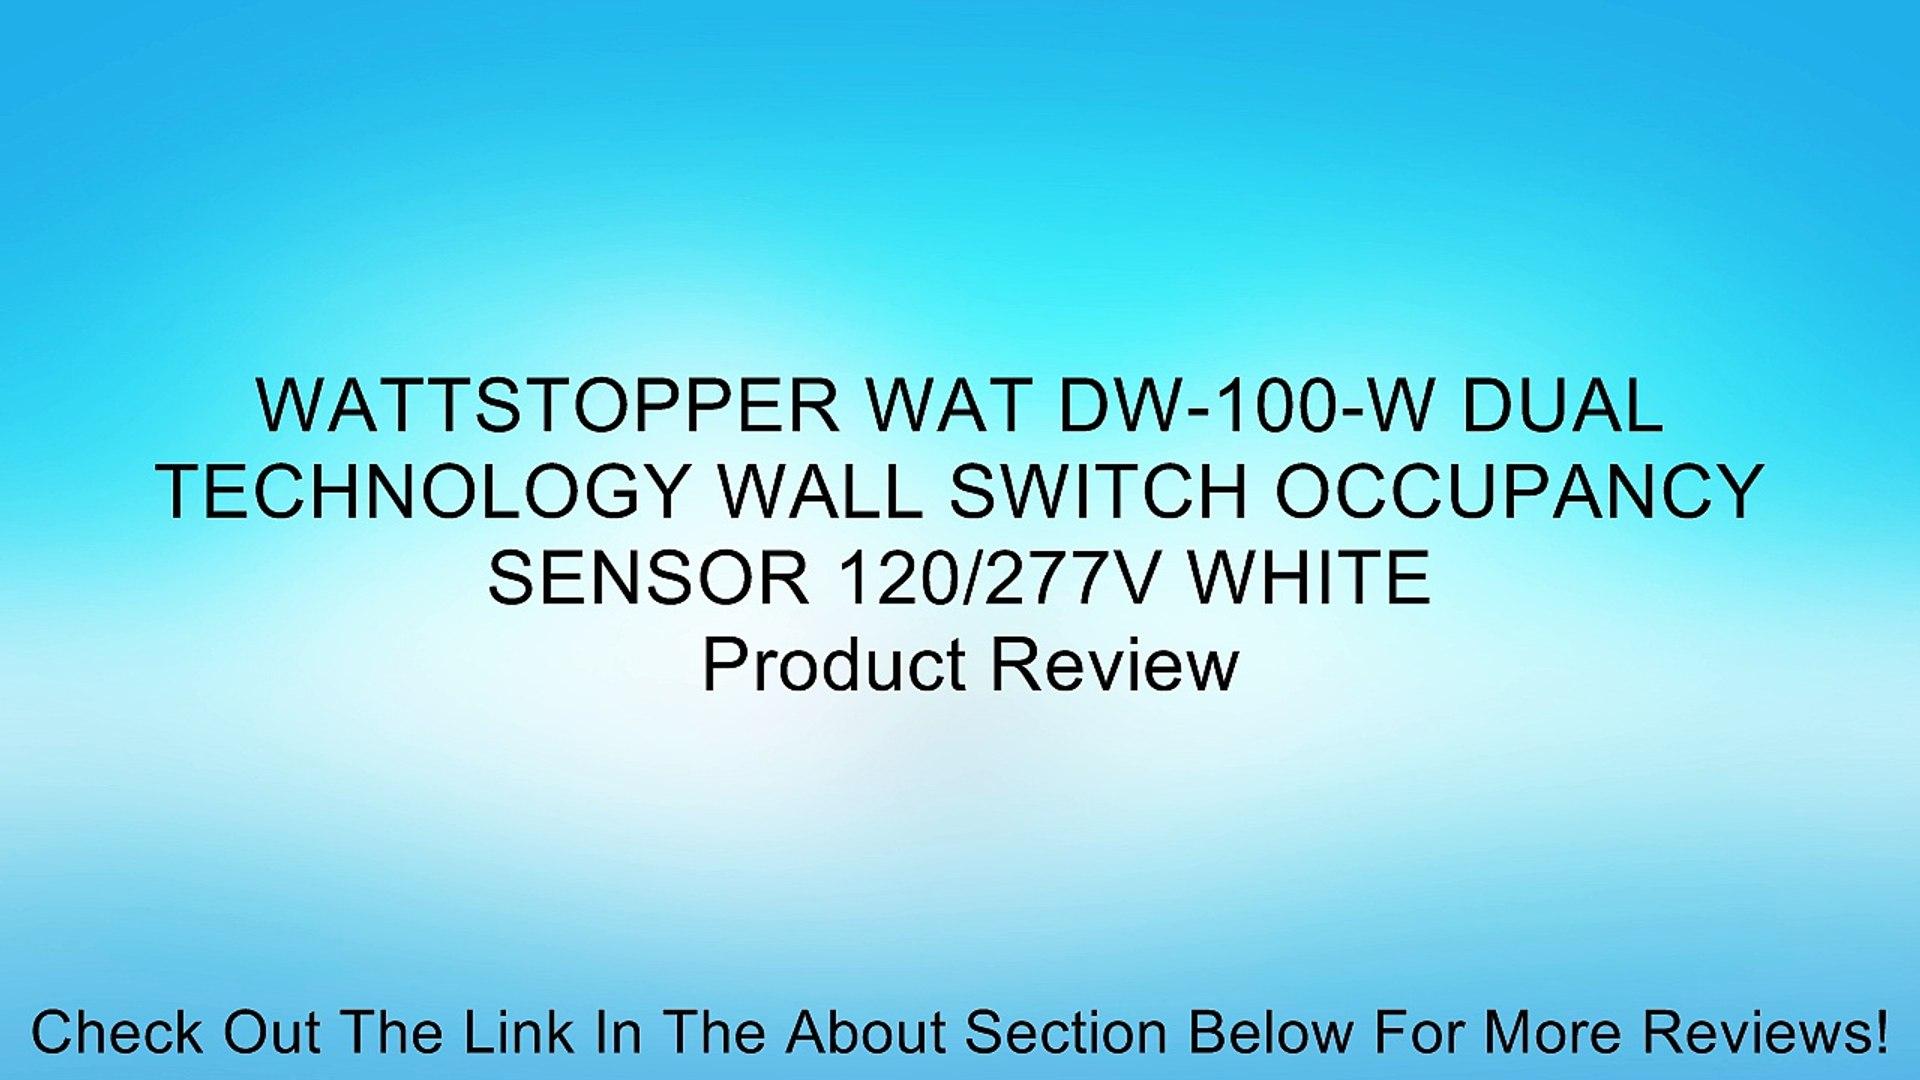 WATTSTOPPER WAT DW-100-W DUAL TECHNOLOGY WALL SWITCH OCCUPANCY SENSOR on